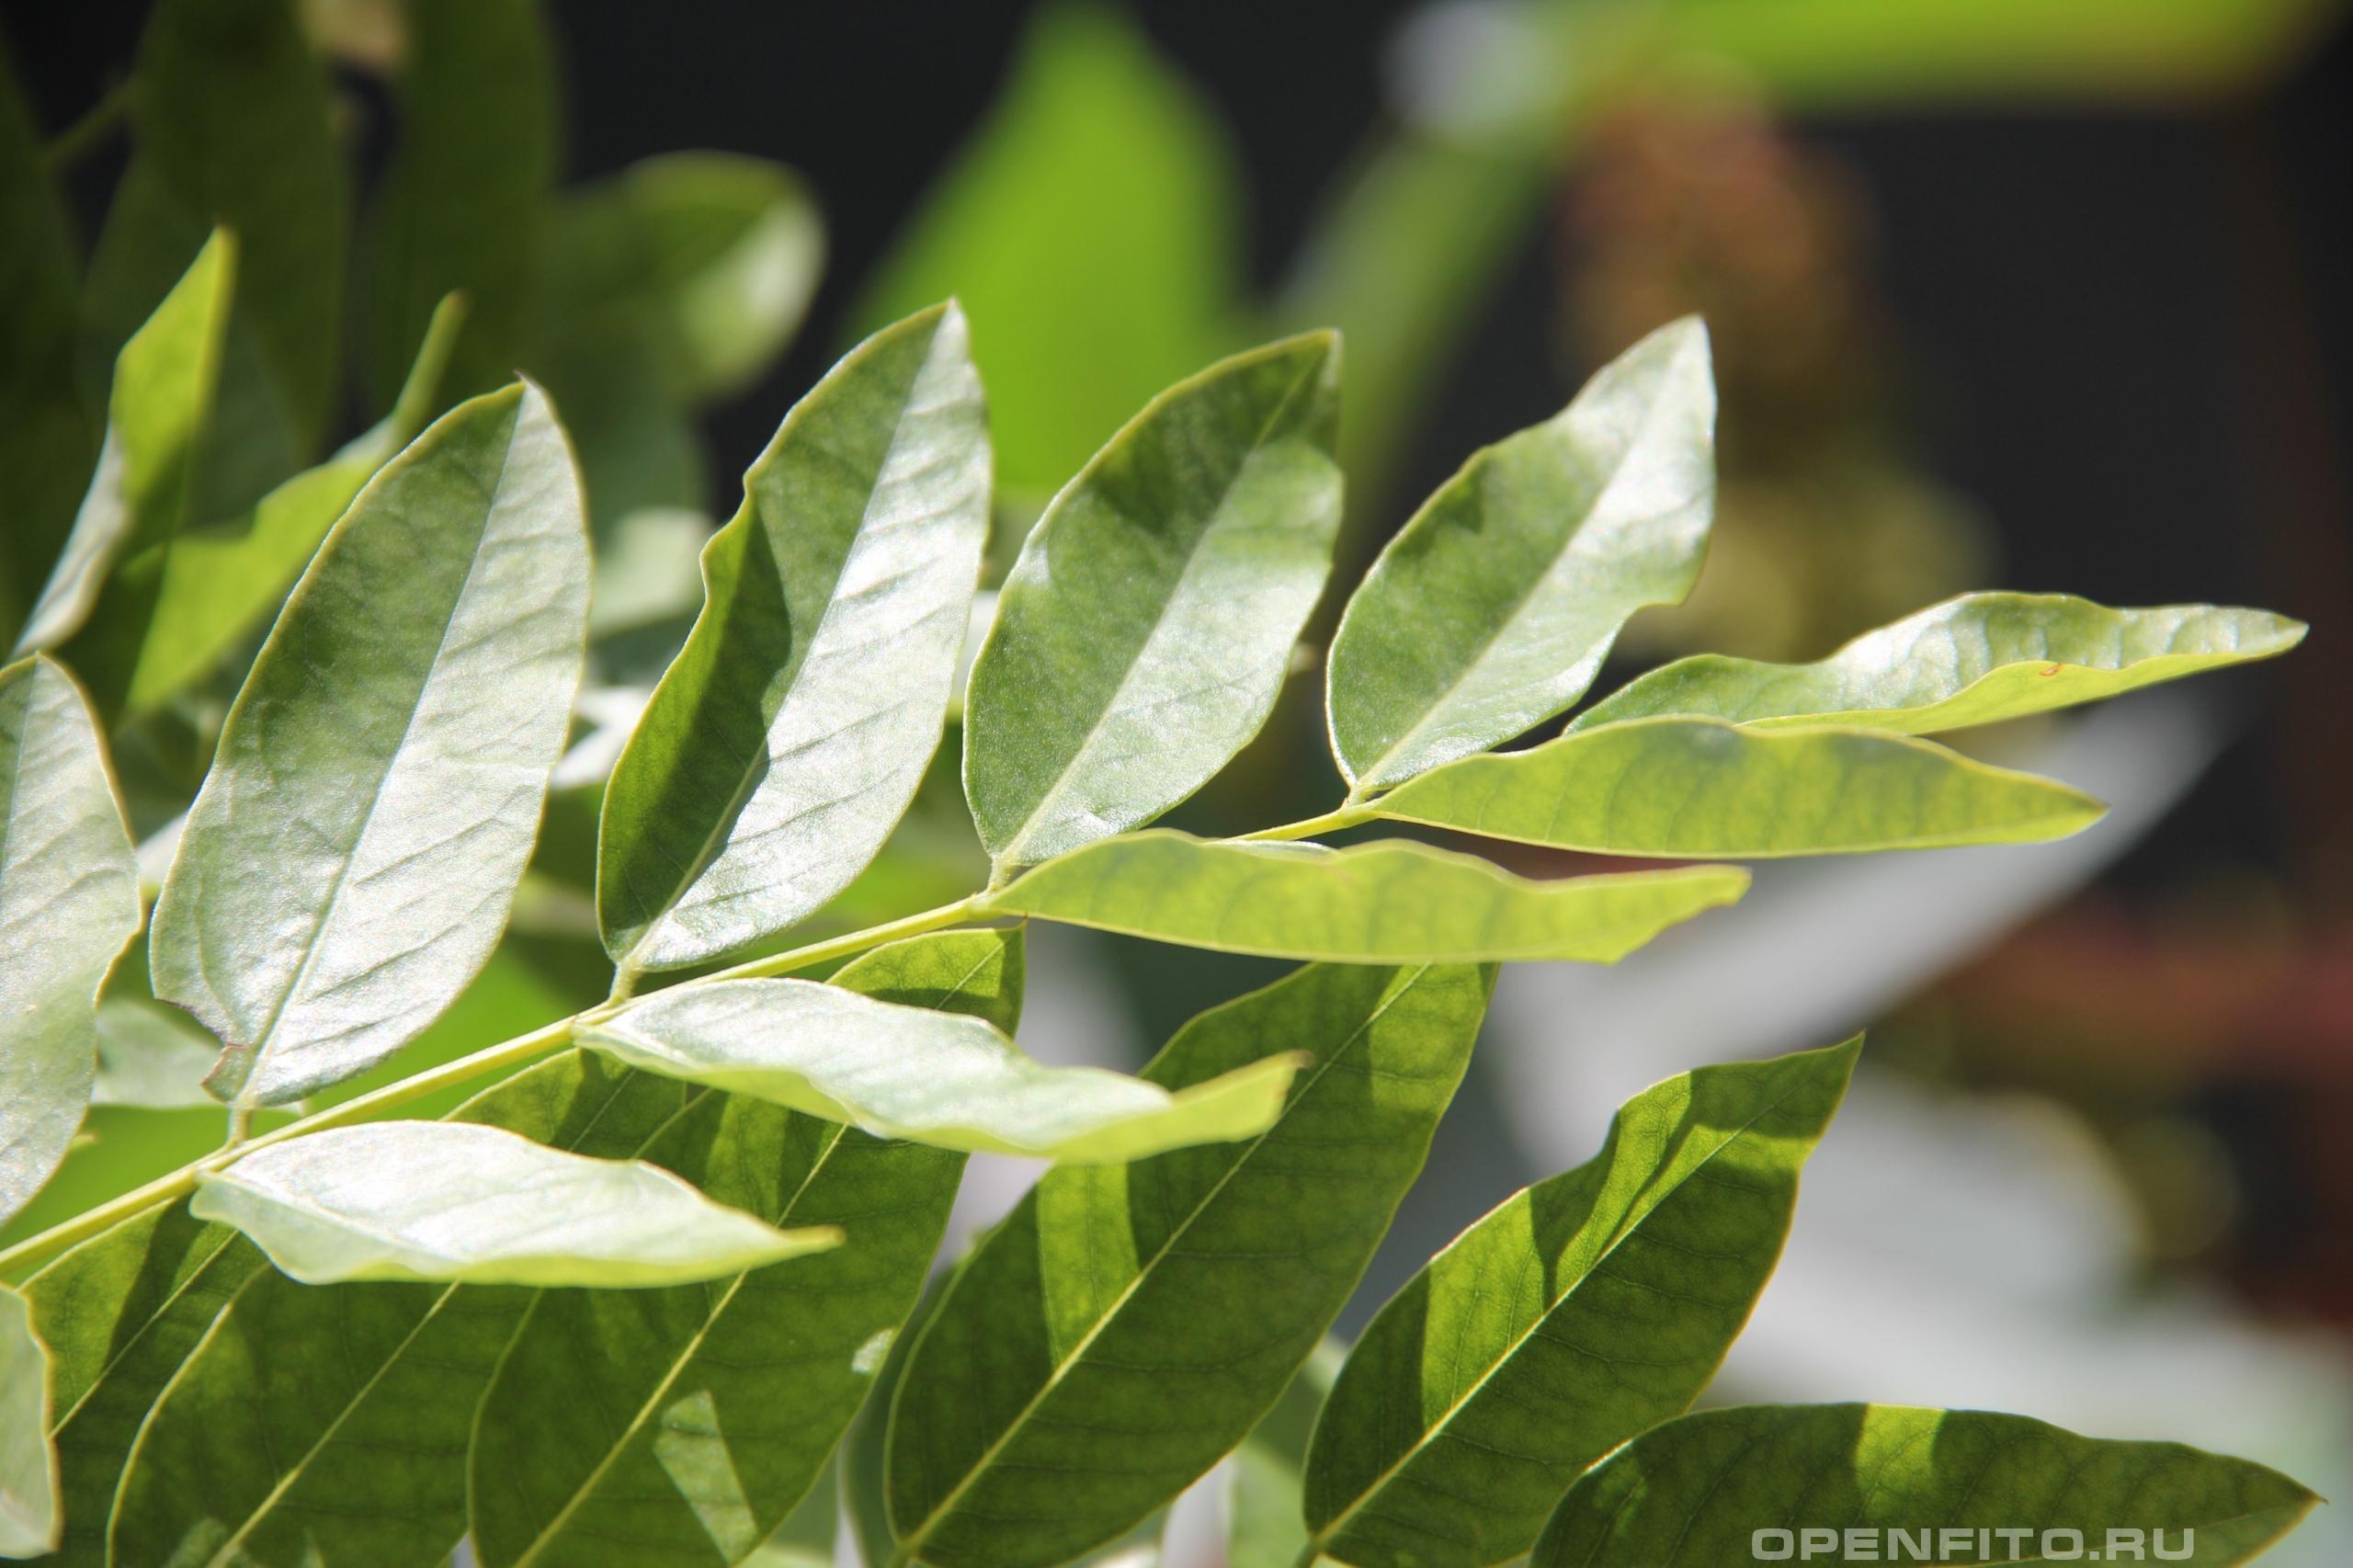 Софора японская лист, другое название Стифнолобиум японский